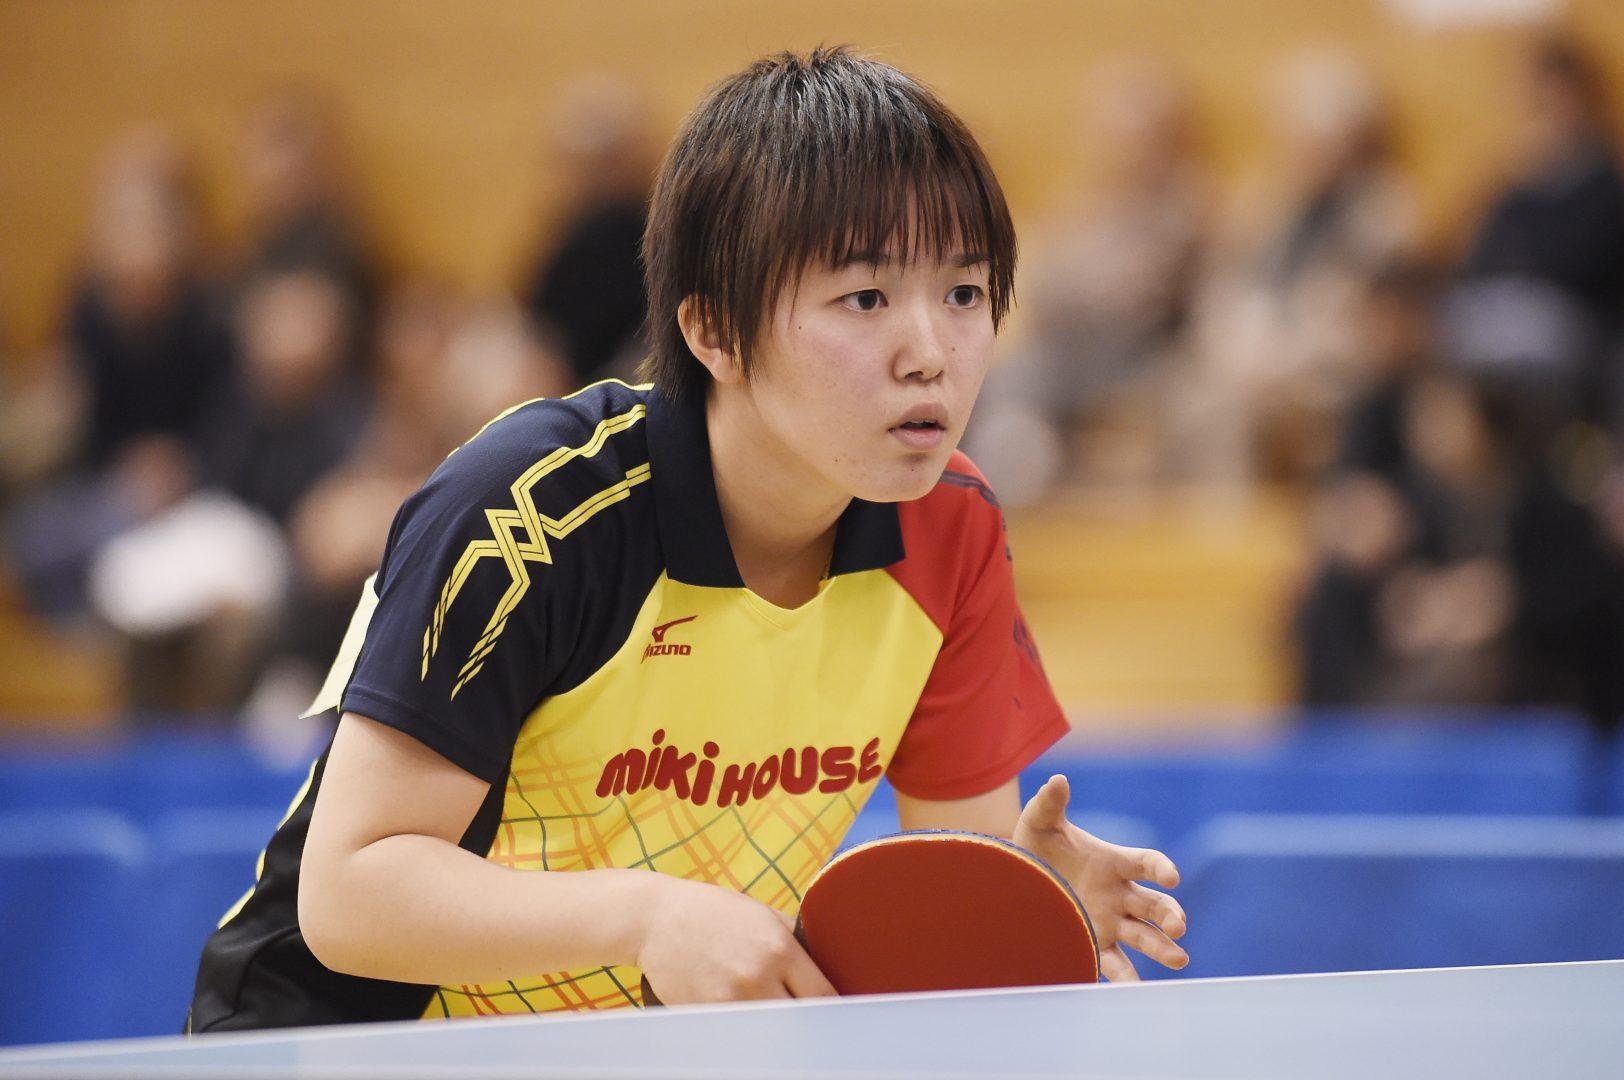 【東京2020期待の星】国際大会2連勝の20歳芝田沙季、五輪代表争いに食い込めるか